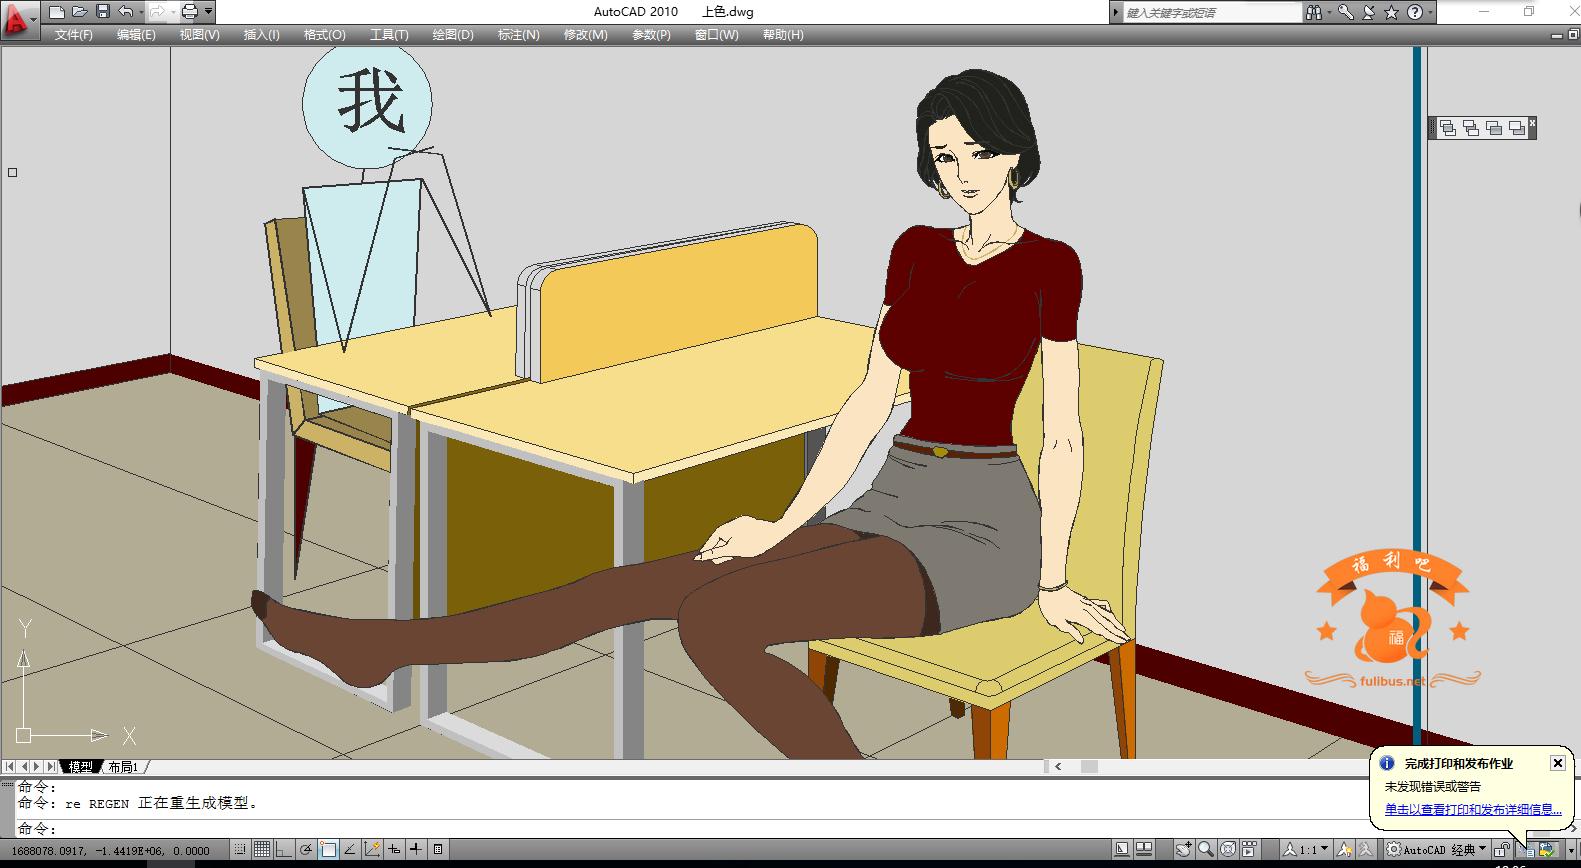 NGA网友使用AUTOCAD画办公室少妇